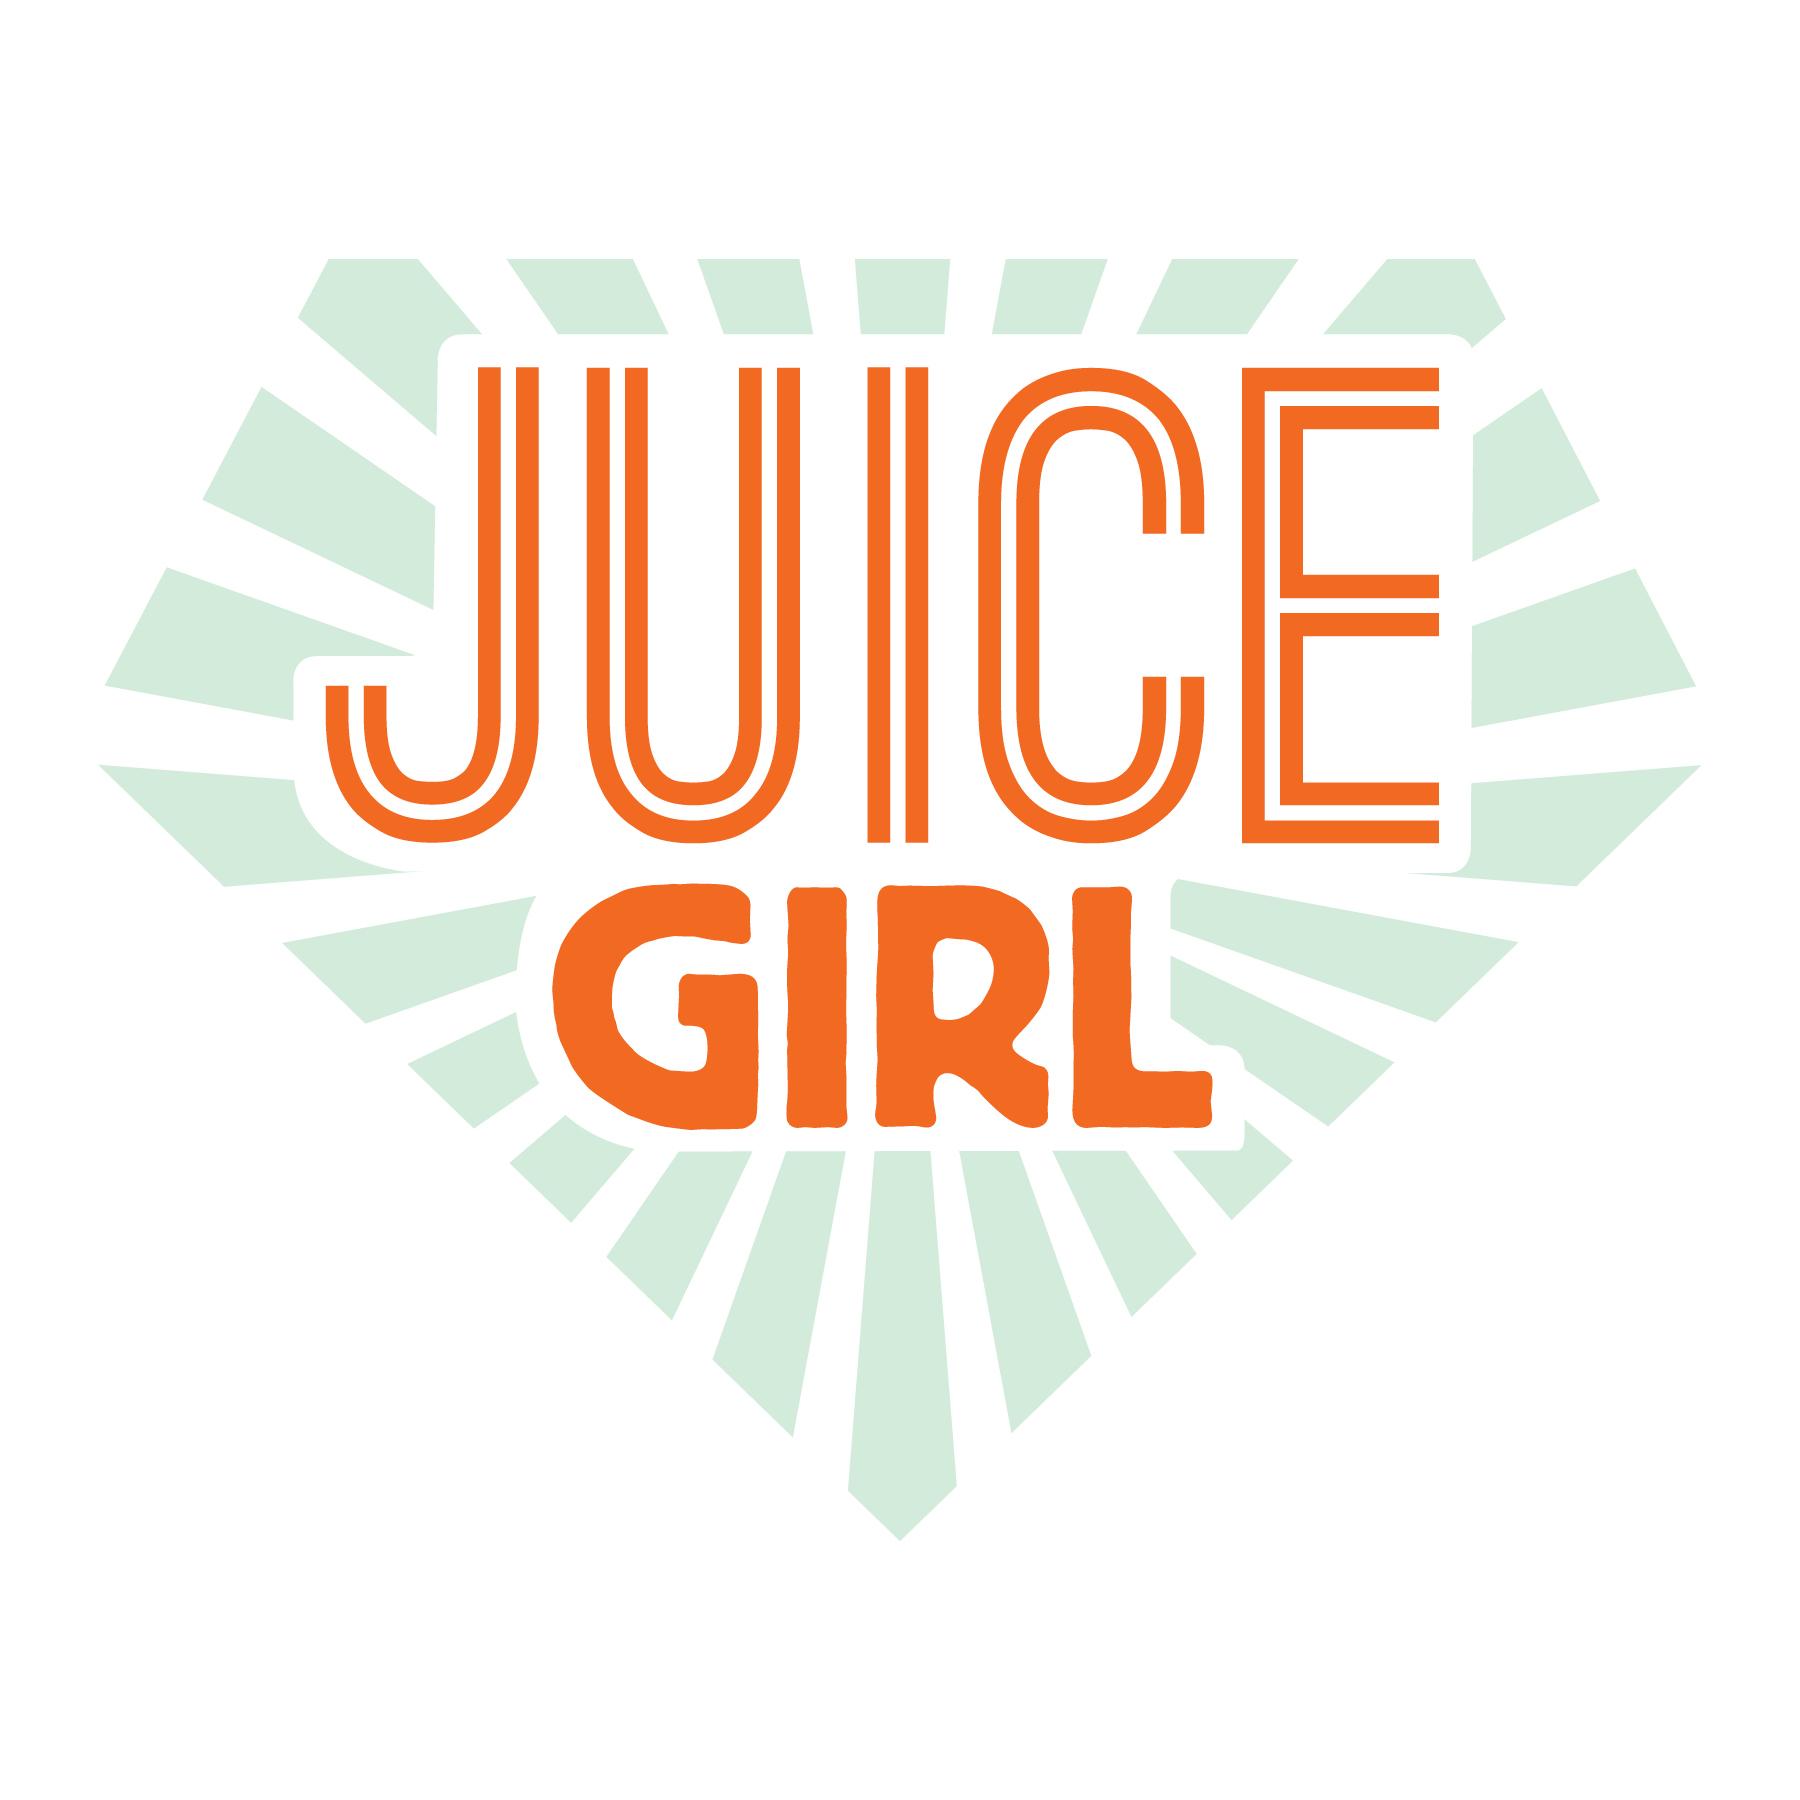 juice girl logo_final.jpg